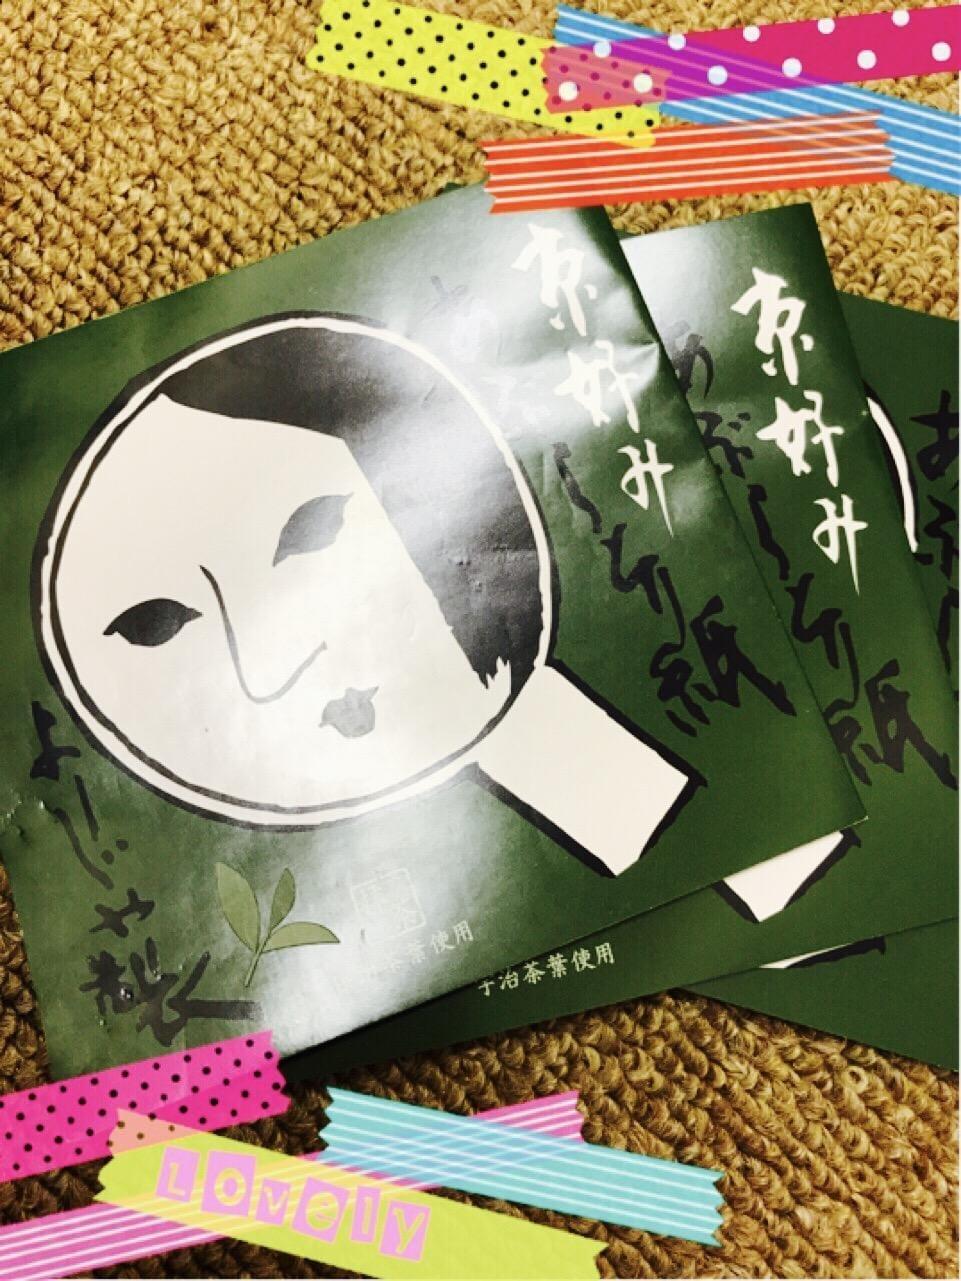 「よーじやといえば( ^ω^ )」04/23(月) 00:20 | 大塚 ゆみこの写メ・風俗動画